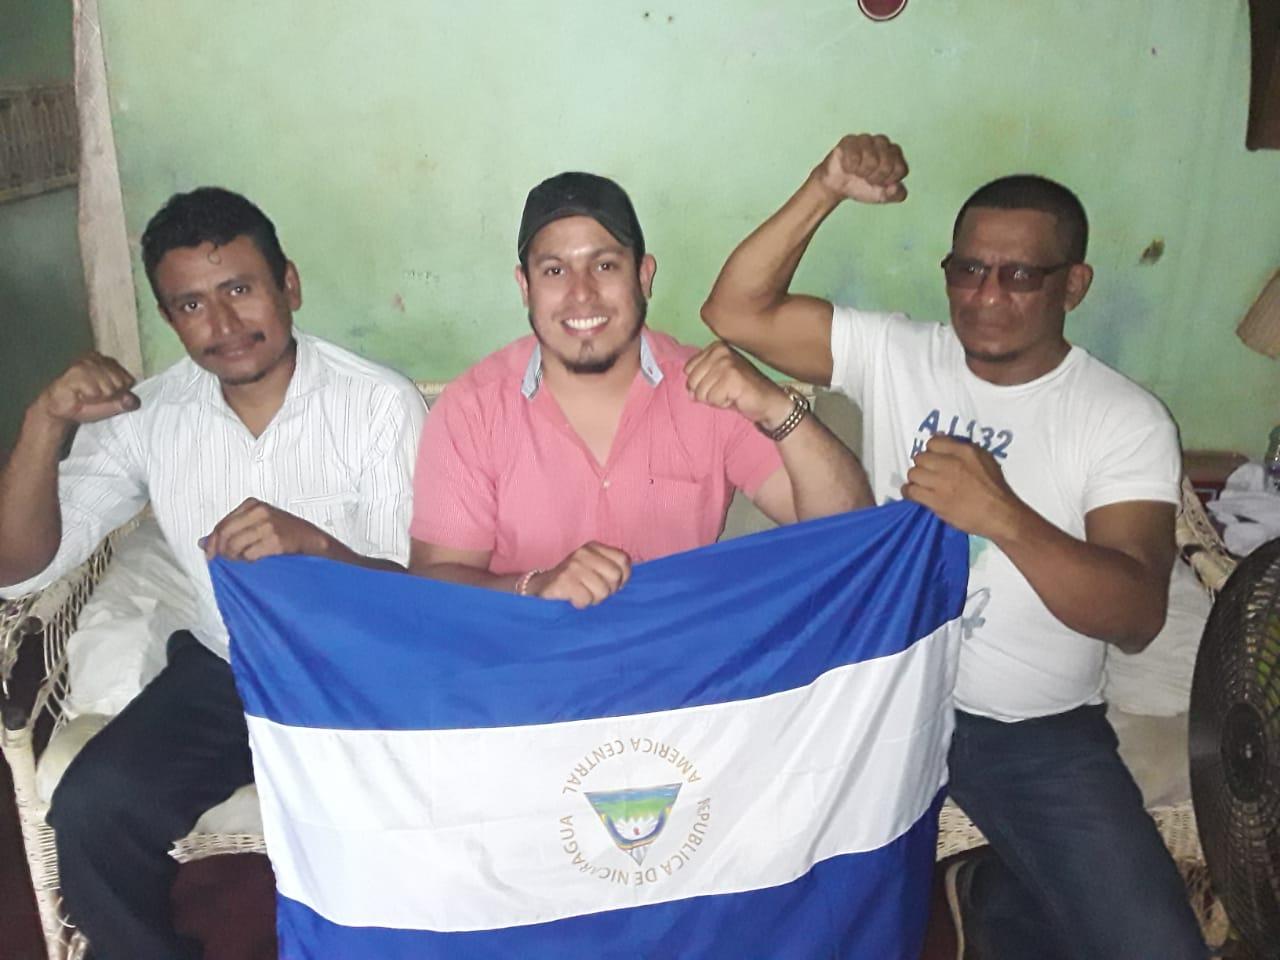 De izquierda a derecha: José Santos Sánchez, Santiago Fajardo, y Marlon Powell.